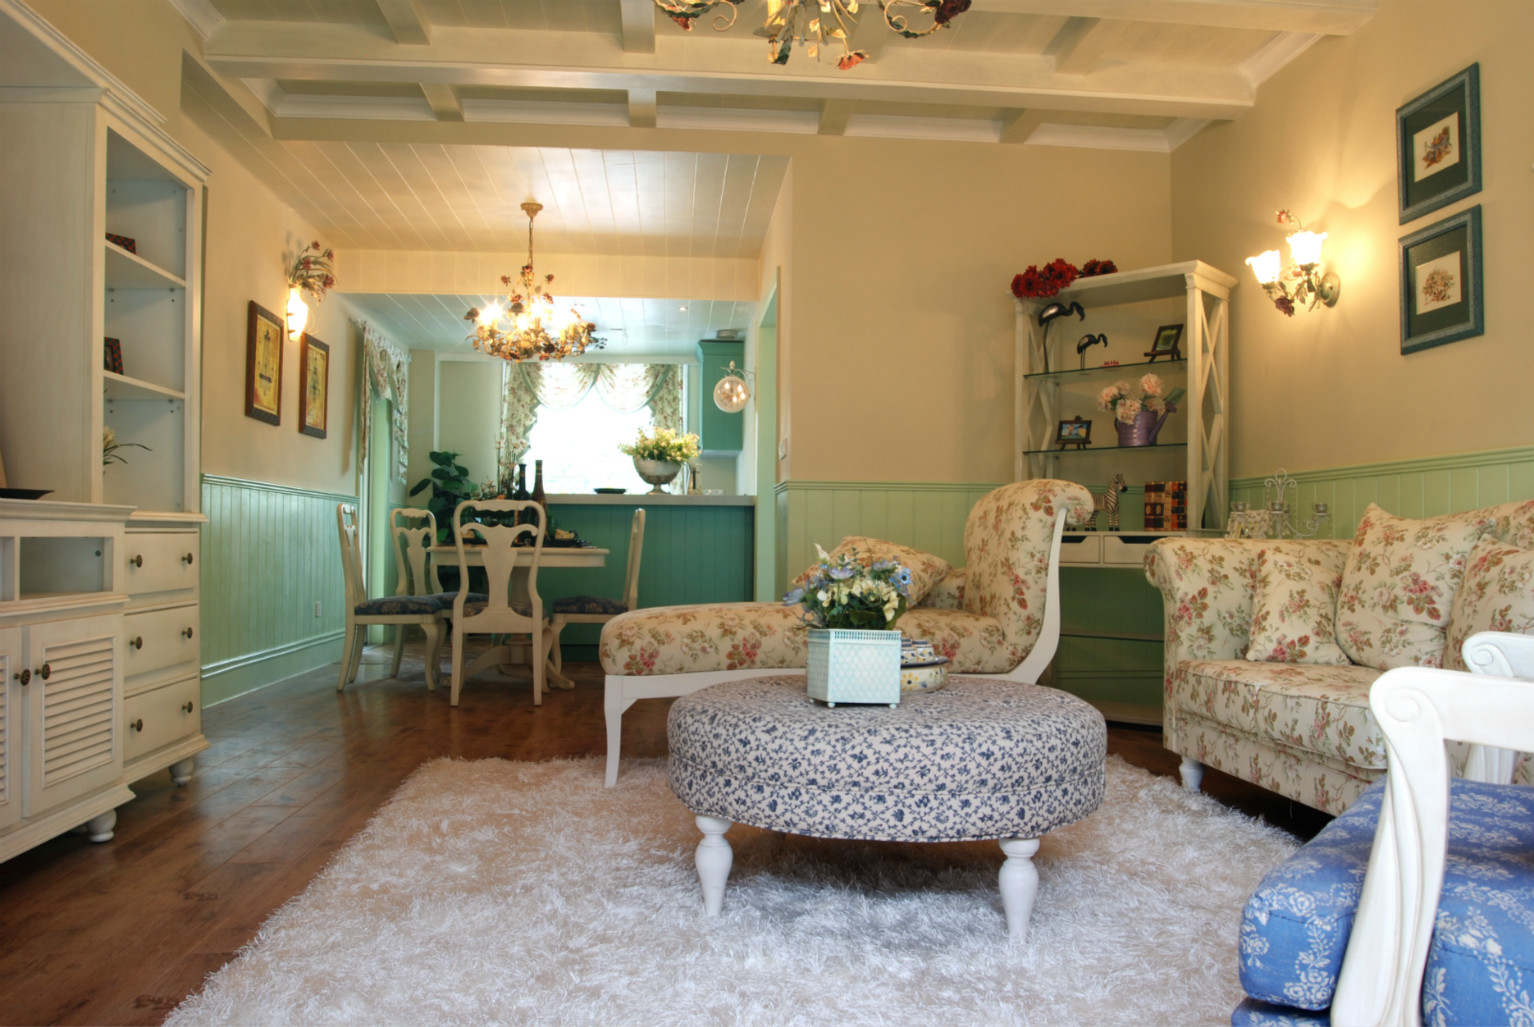 客厅视野足够开阔,浅绿色与白色搭配,清新又干净。